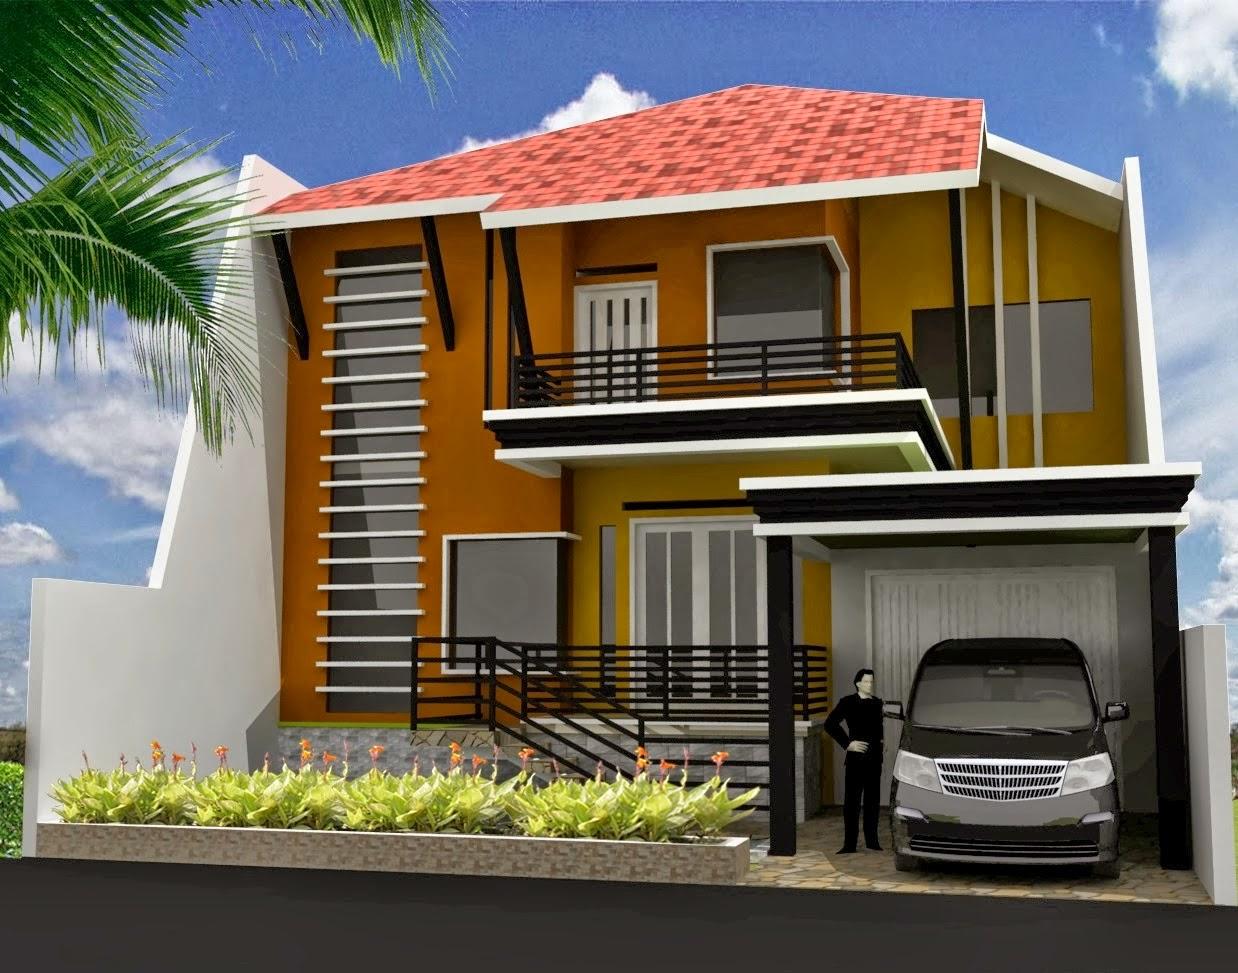 Foto Rumah Minimalis Modern Terbaru3